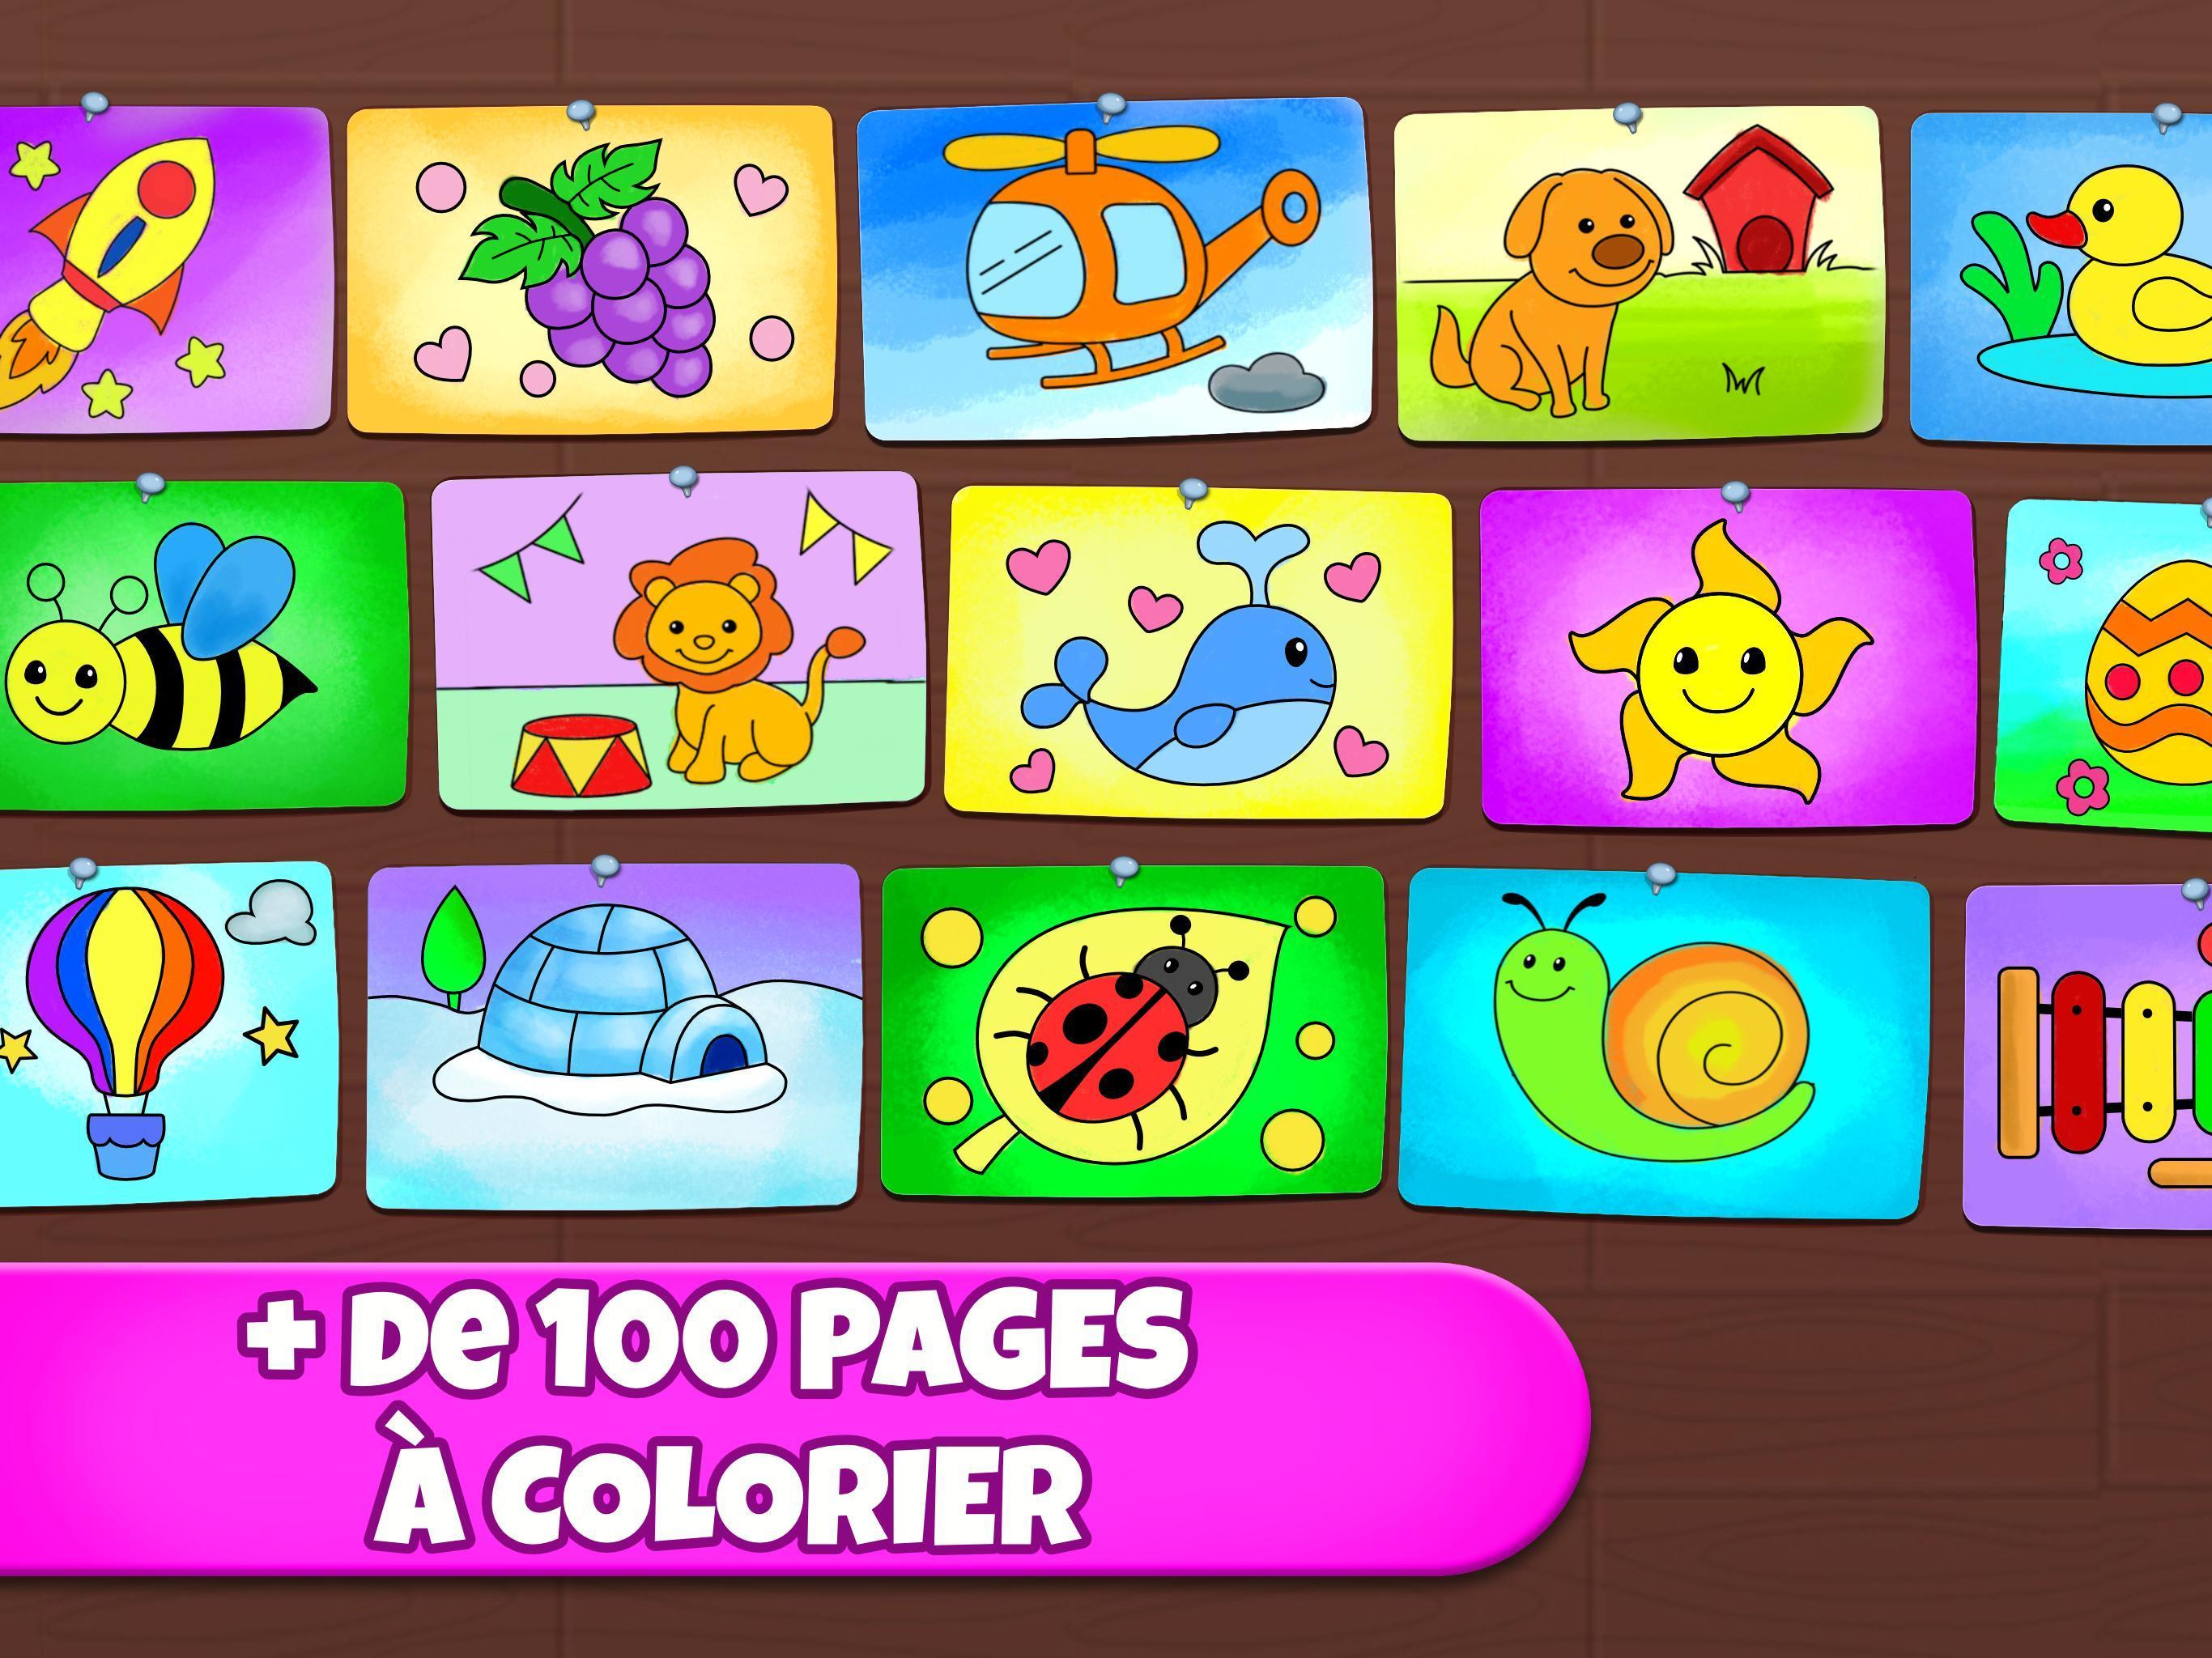 Jeu De Coloriage Coloriage Peinture Dessin Fluo Pour Android Telechargez L Apk